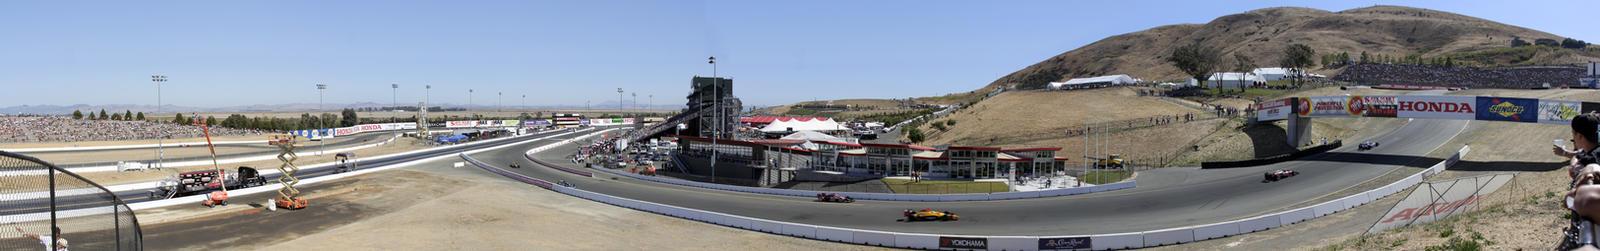 2010 Gran Prix of Sonoma by ritzpixel